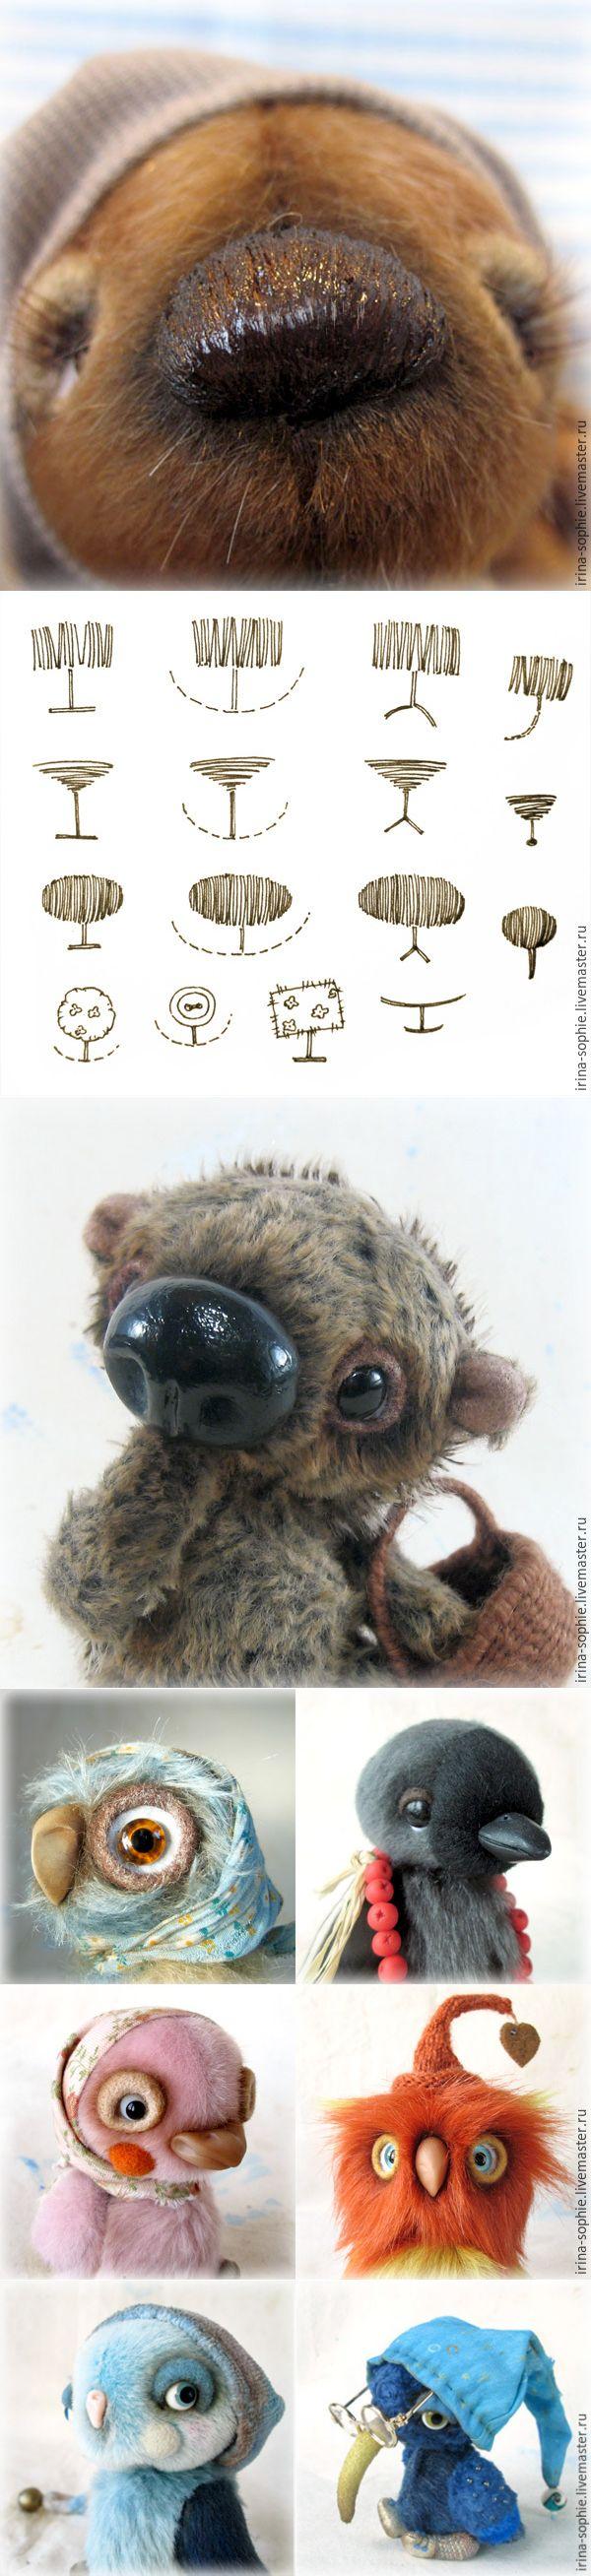 10 способов изготовить нос для Тедди - Ярмарка Мастеров - ручная работа, handmade